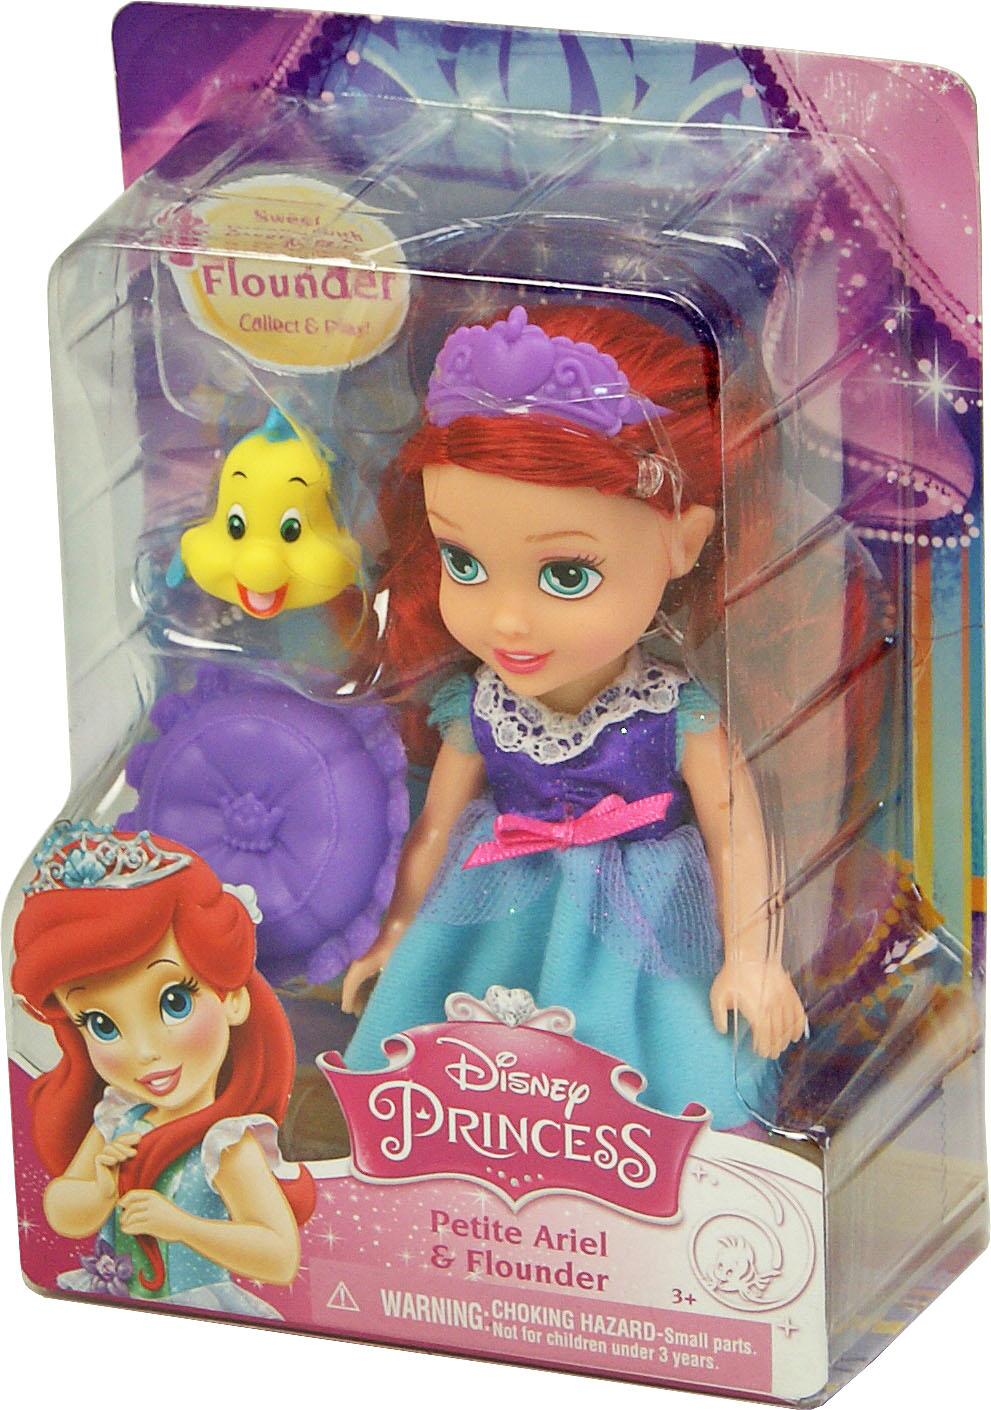 Іграшка лялька Disney Аріель арт.86862 (75833) блістер 7*14*19см